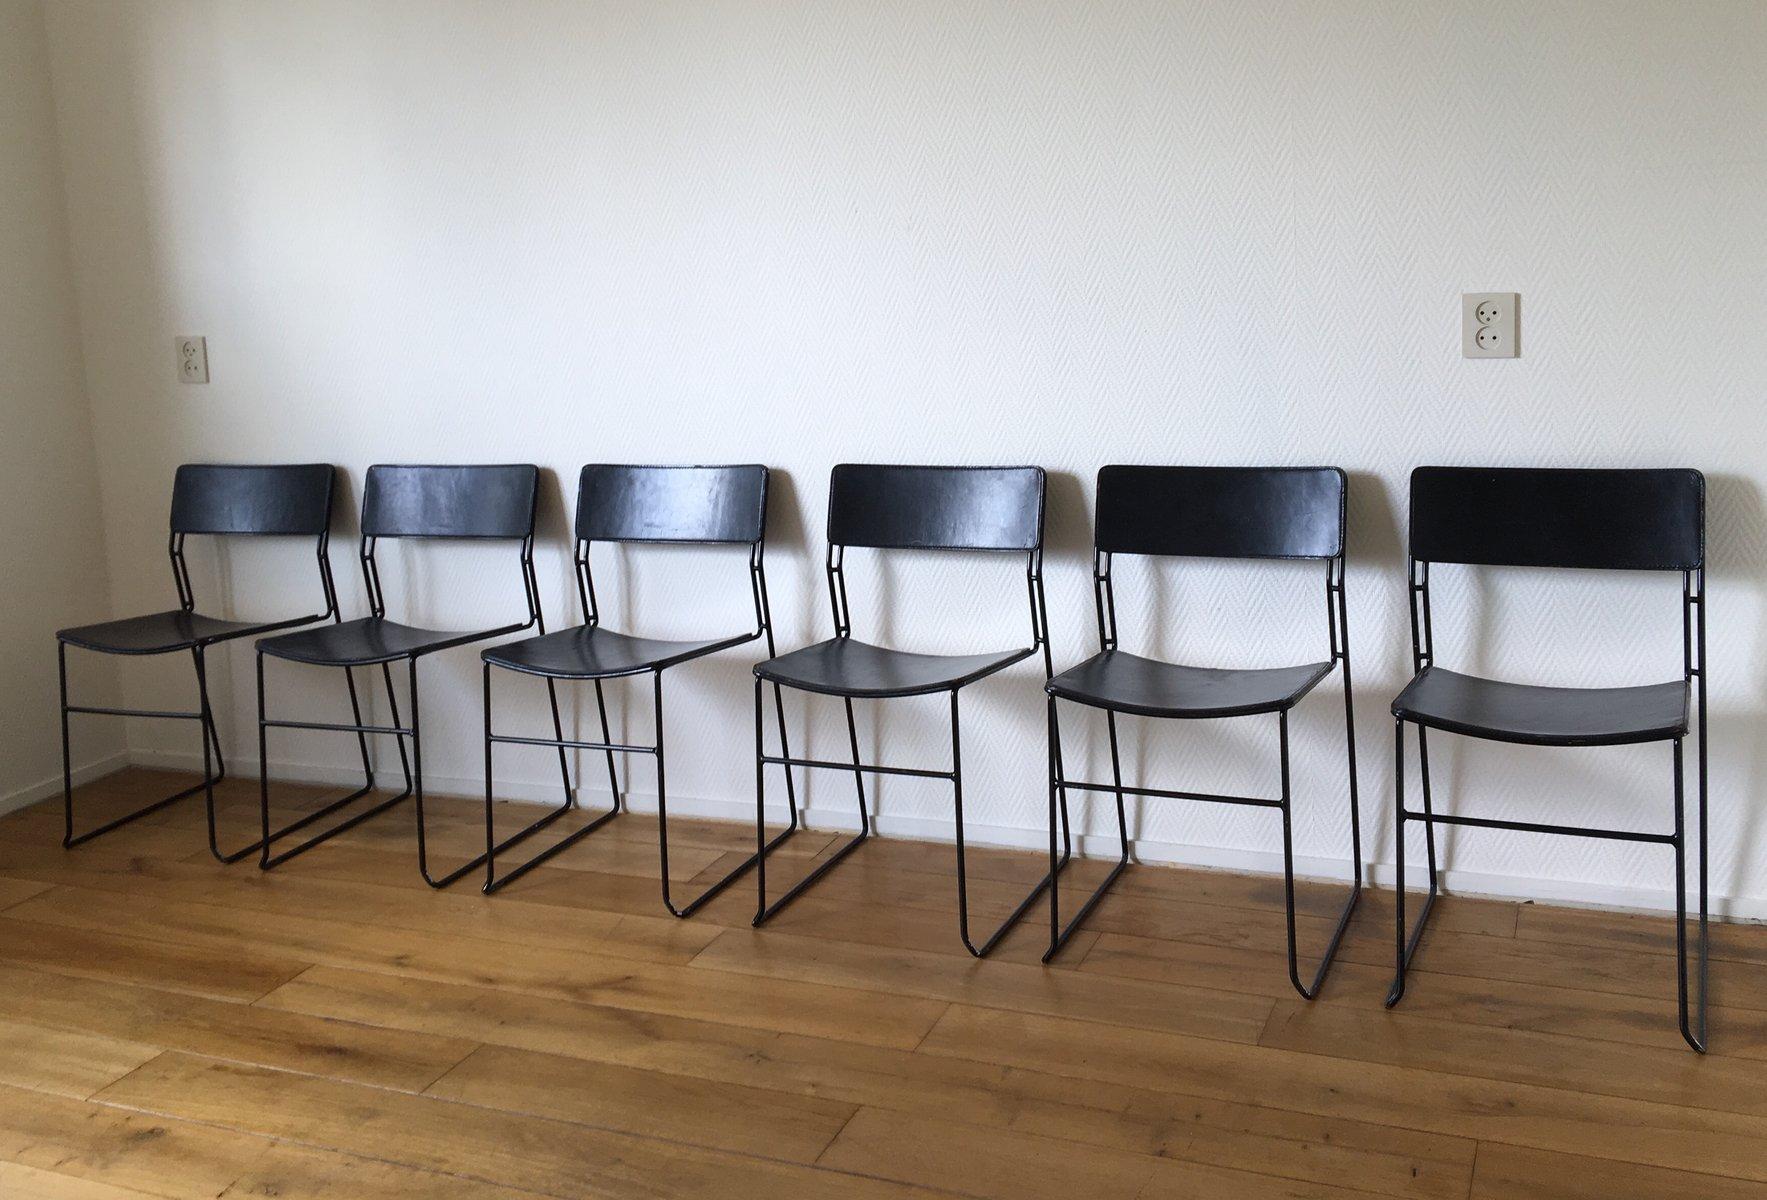 italienische sultana esszimmerst hle aus metall leder von arrben 1970er 6er set bei pamono. Black Bedroom Furniture Sets. Home Design Ideas